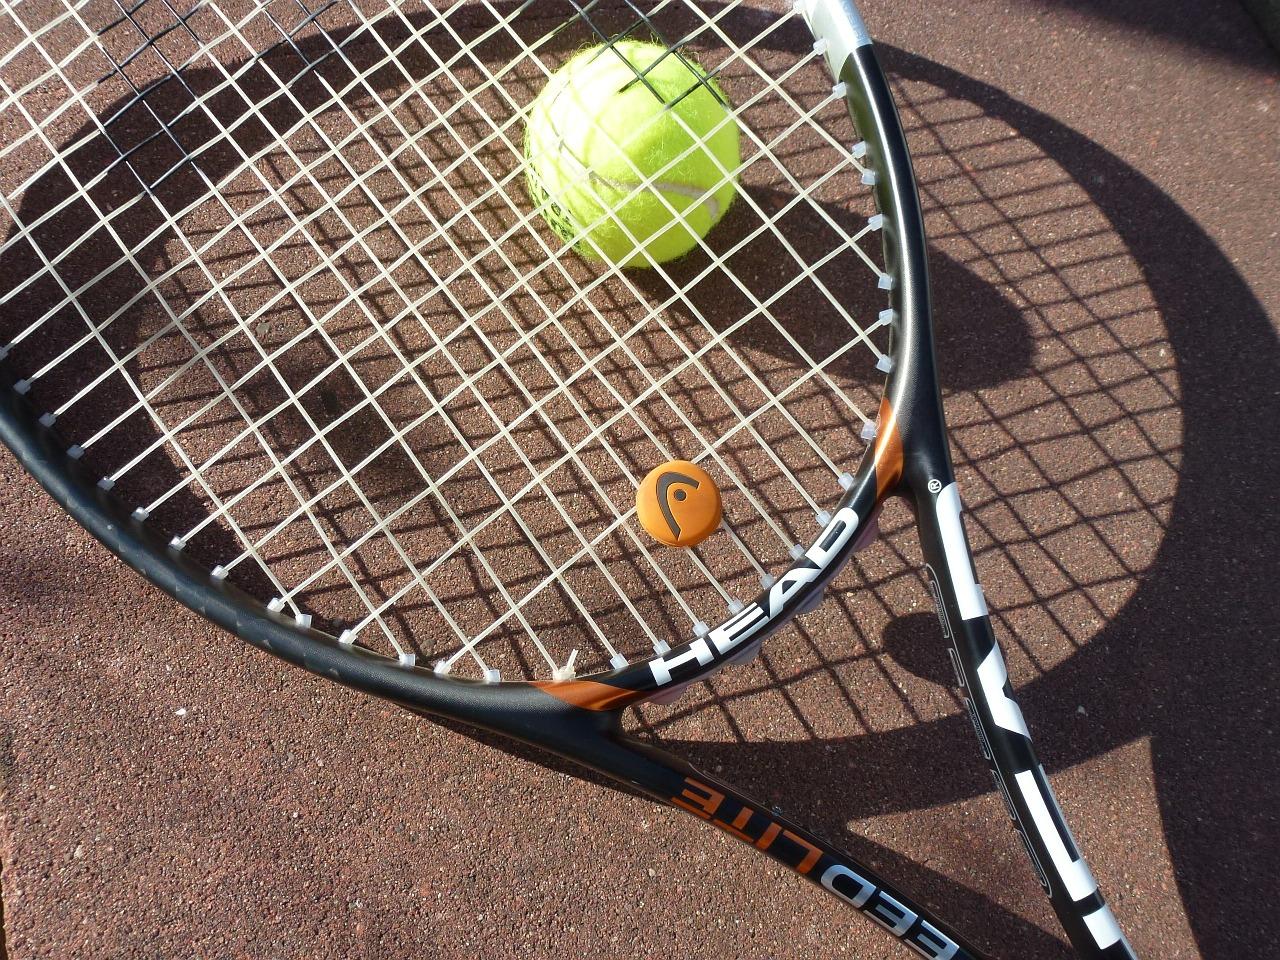 テニスの練習にゴム紐付きテニスボールは向いていない?!